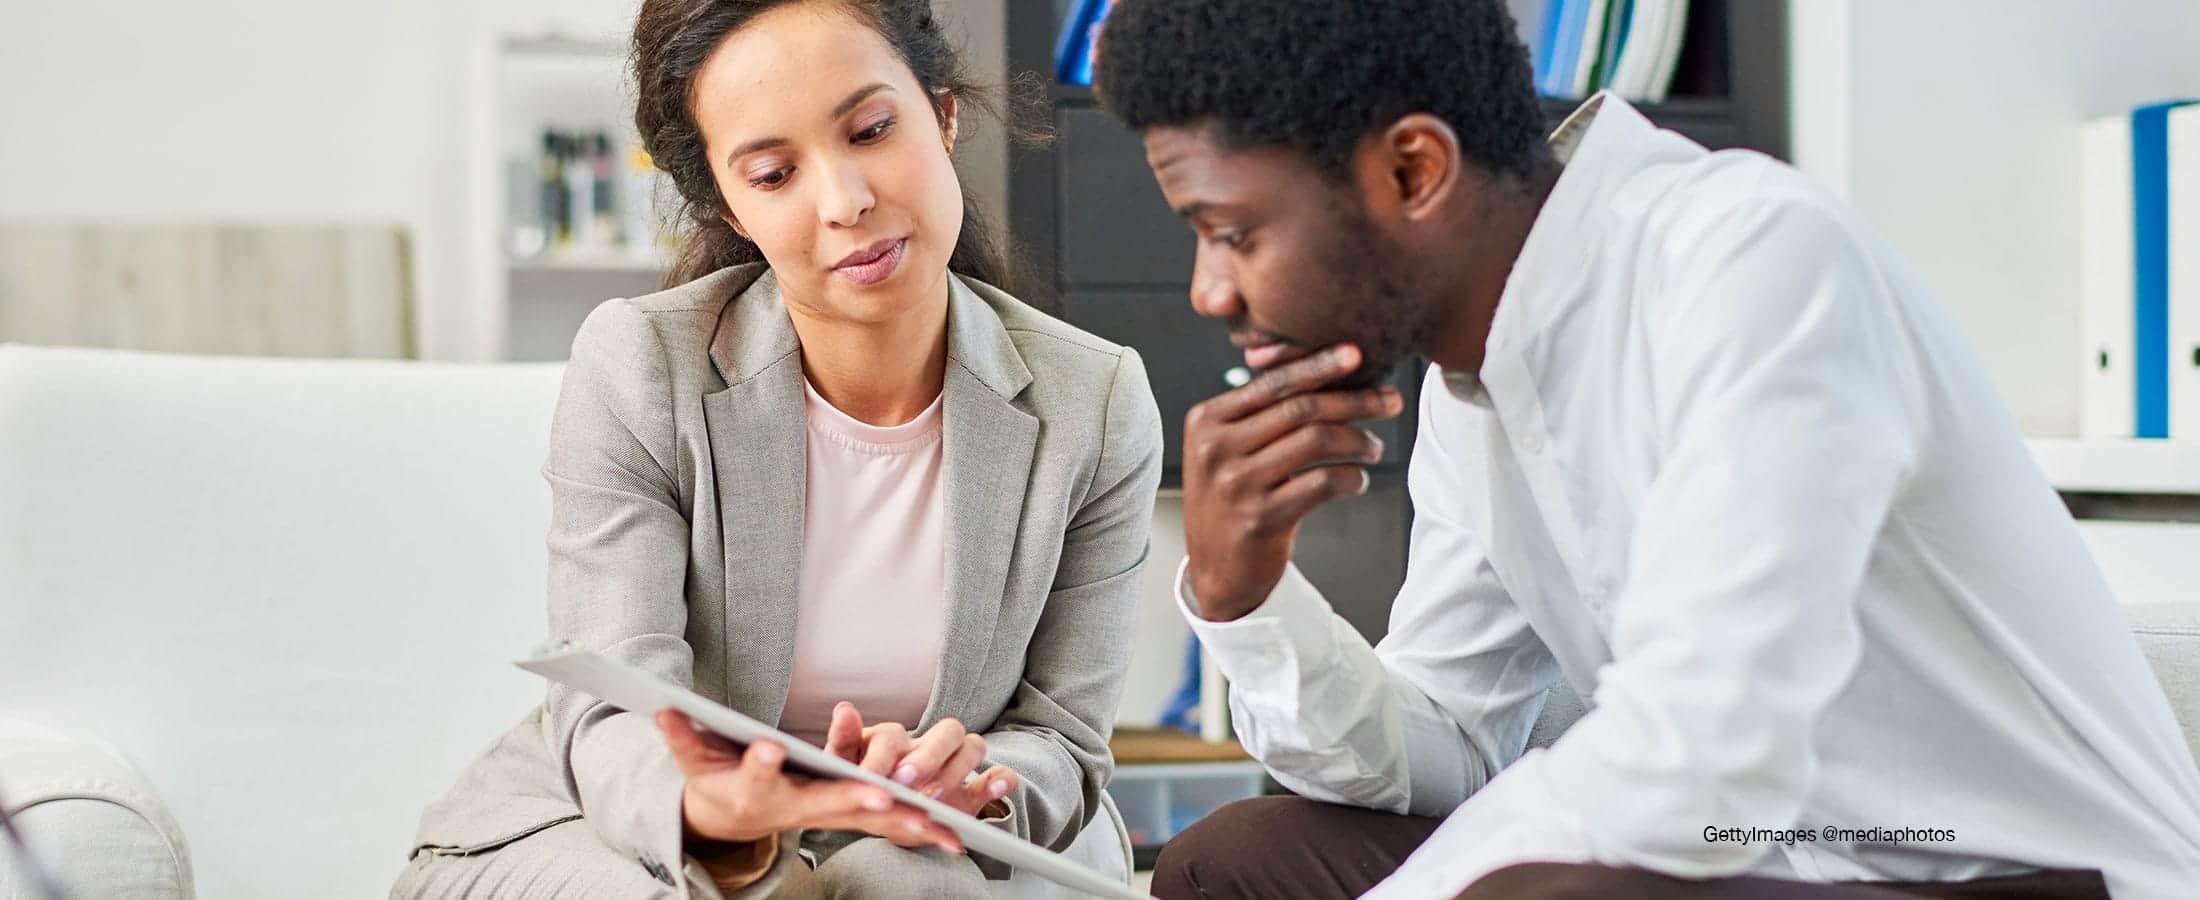 Gestion financière de l'entreprise : quatre conseils pour l'améliorer